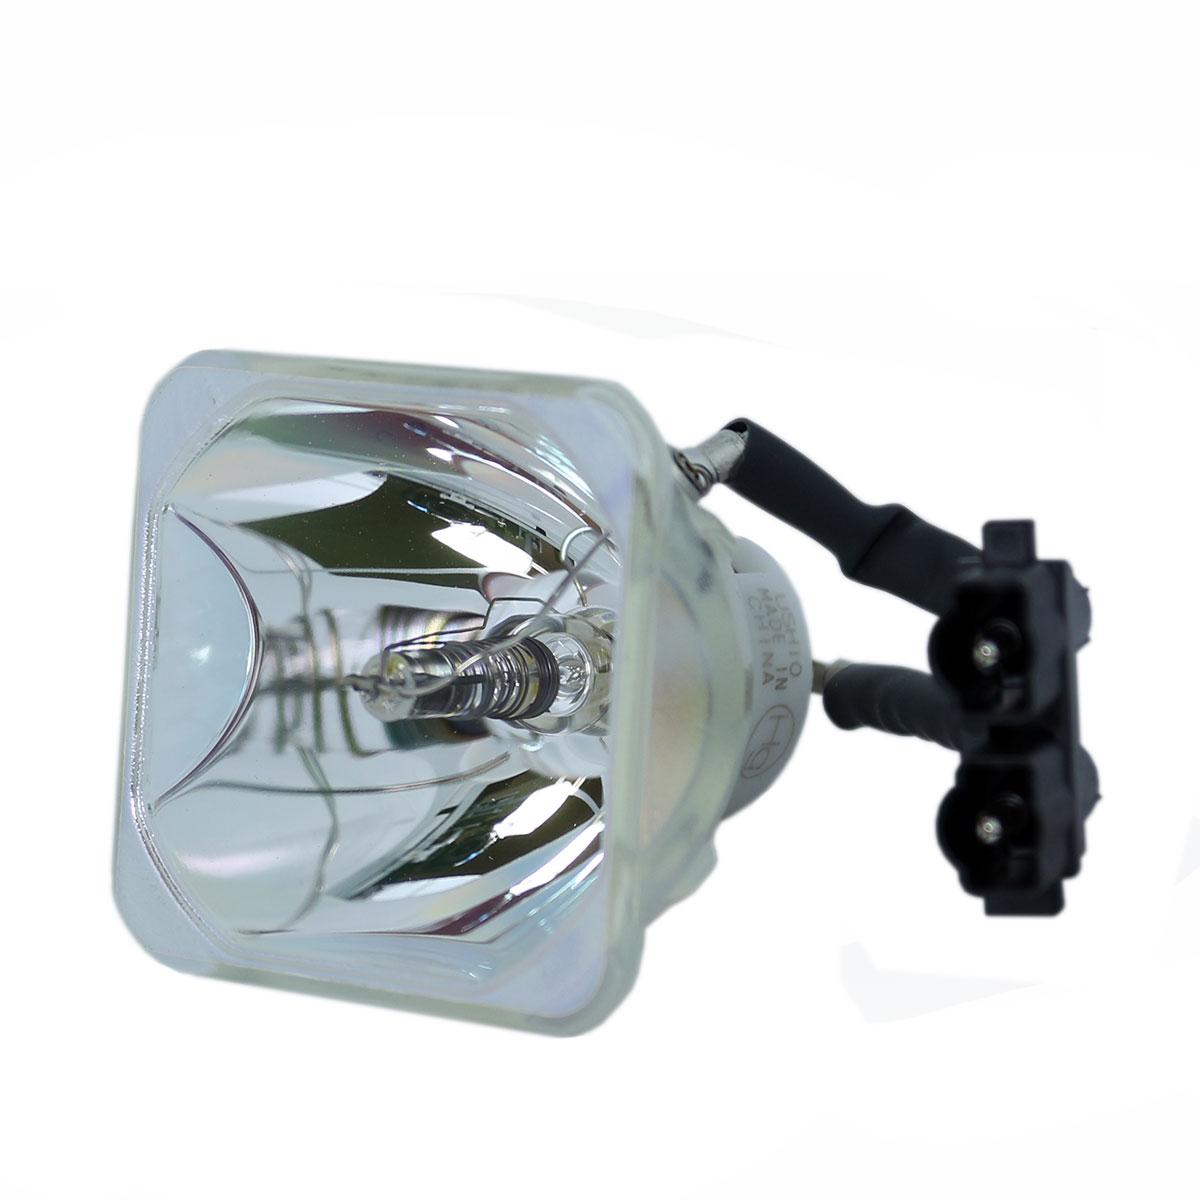 Compatible Bare Bulb VLT-XL5LP VLTXL5LP For Mitsubishi SL5 XL5U XL5 XL6U Projector Bulb Lamp without housing compatible bare bulb lv lp06 4642a001 for canon lv 7525 lv 7525e lv 7535 lv 7535u projector lamp bulb without housing